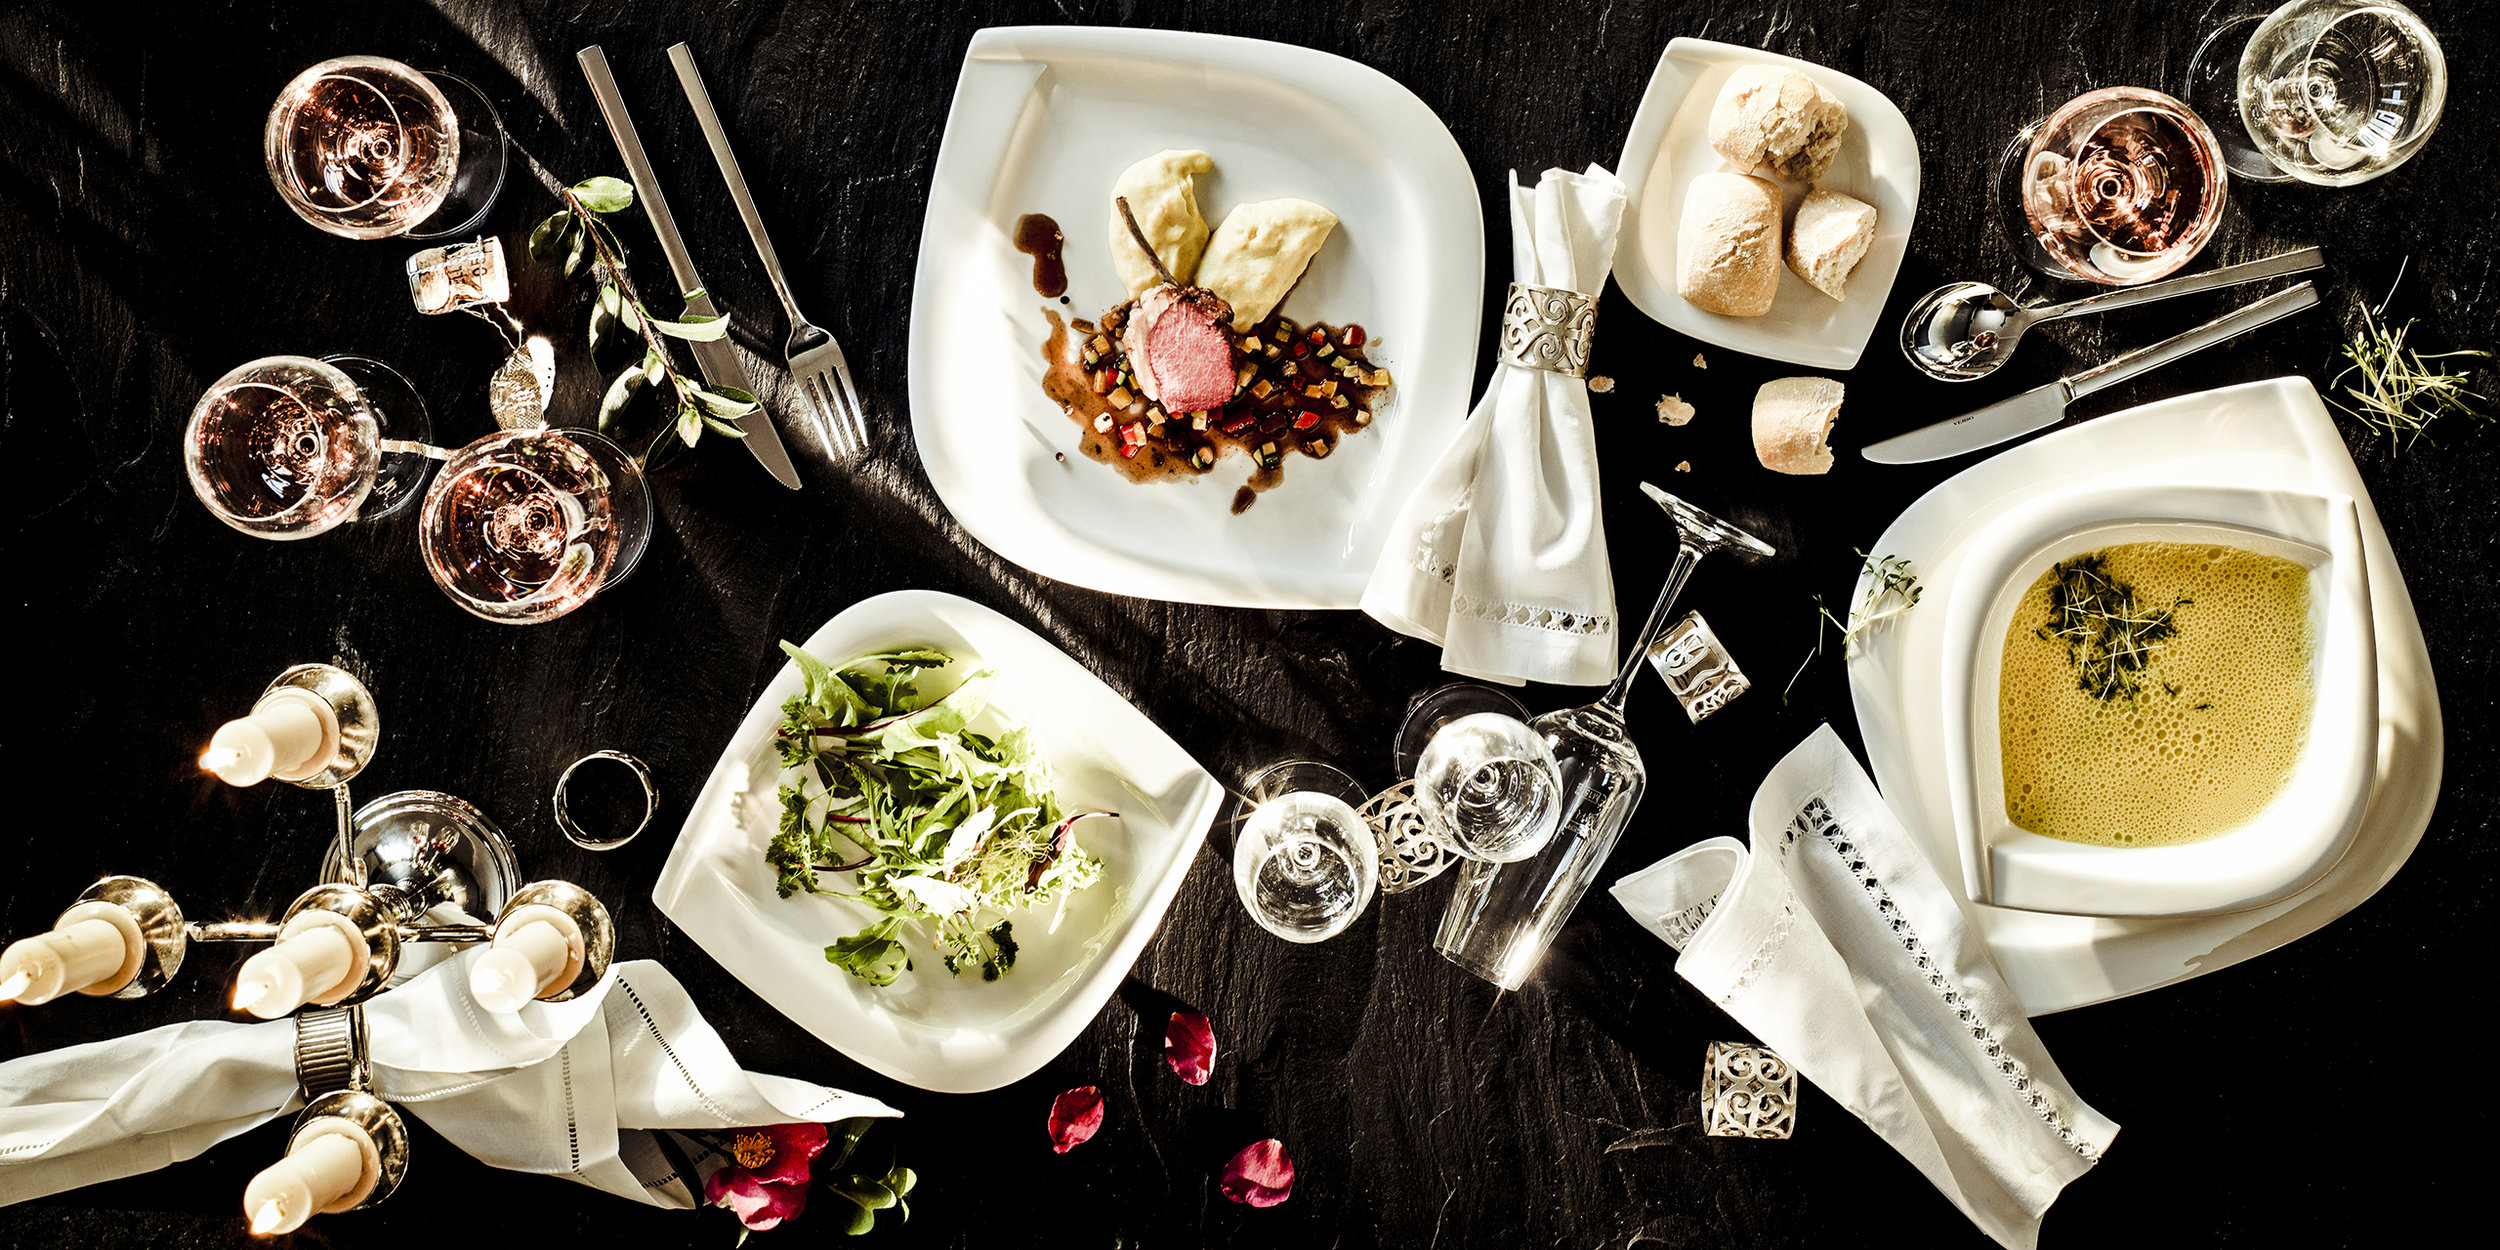 Foodfotografie für die Mäser Group fotografiert von Fotowerk Lampelmayer GmbH